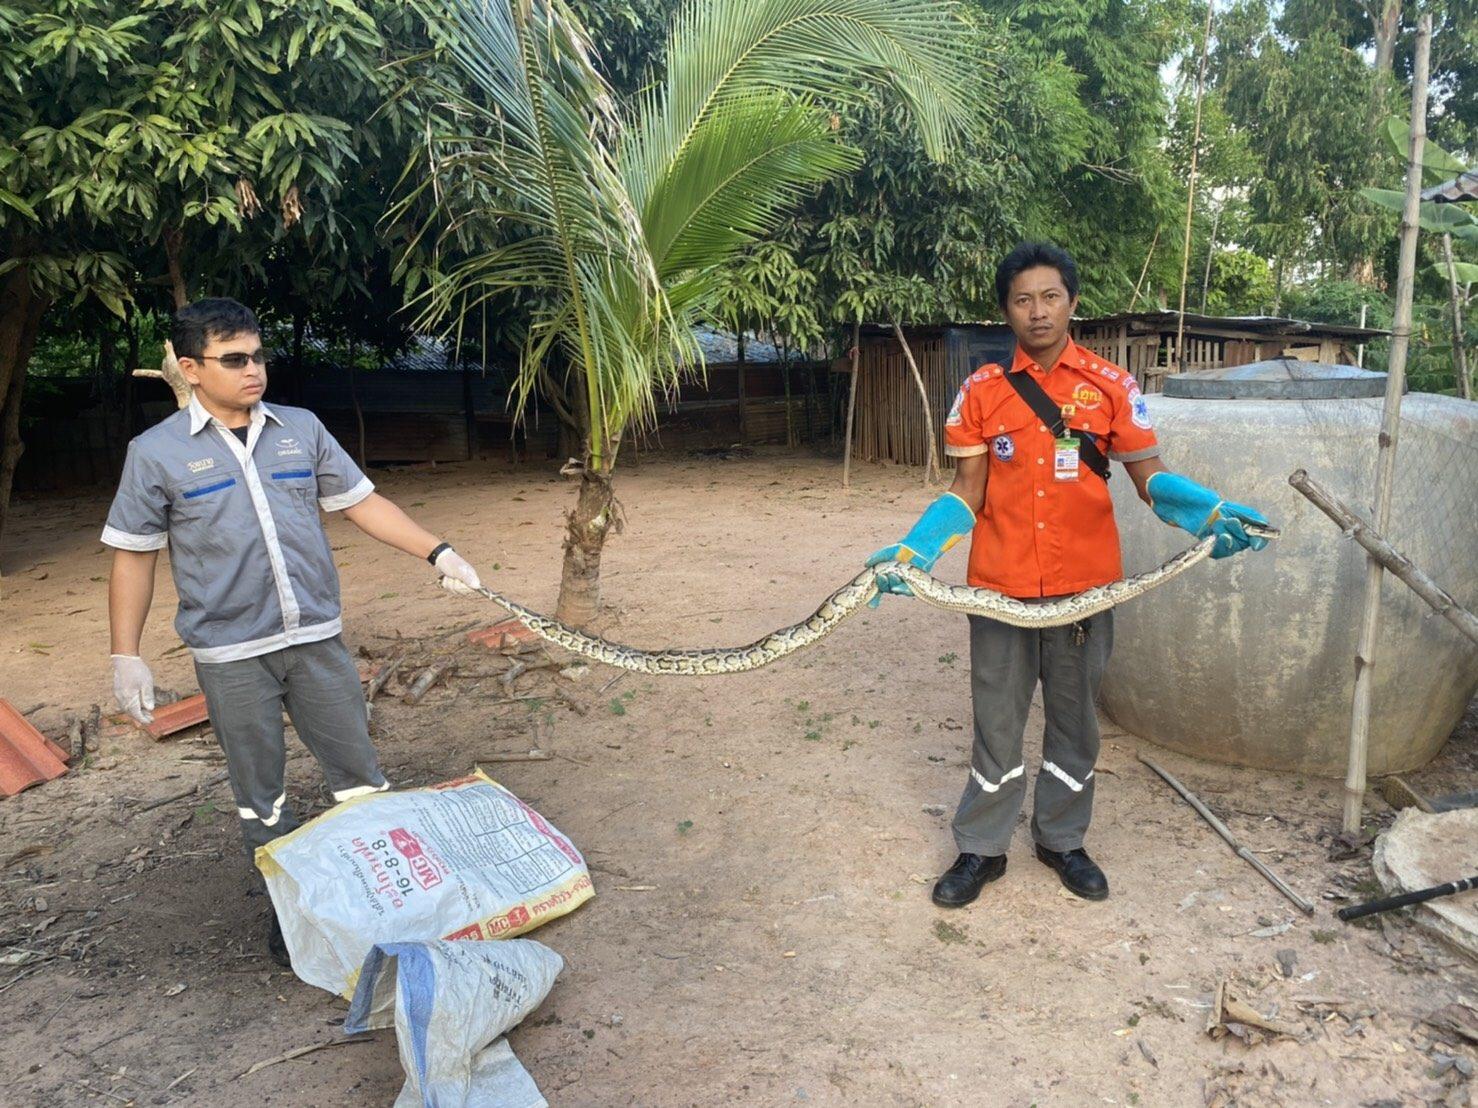 ช่างน่ากลัว! งูเหลือมยาวกว่า 3 เมตรบุกเล้าเขมือบไก่กู้ภัยเร่งช่วยจับ